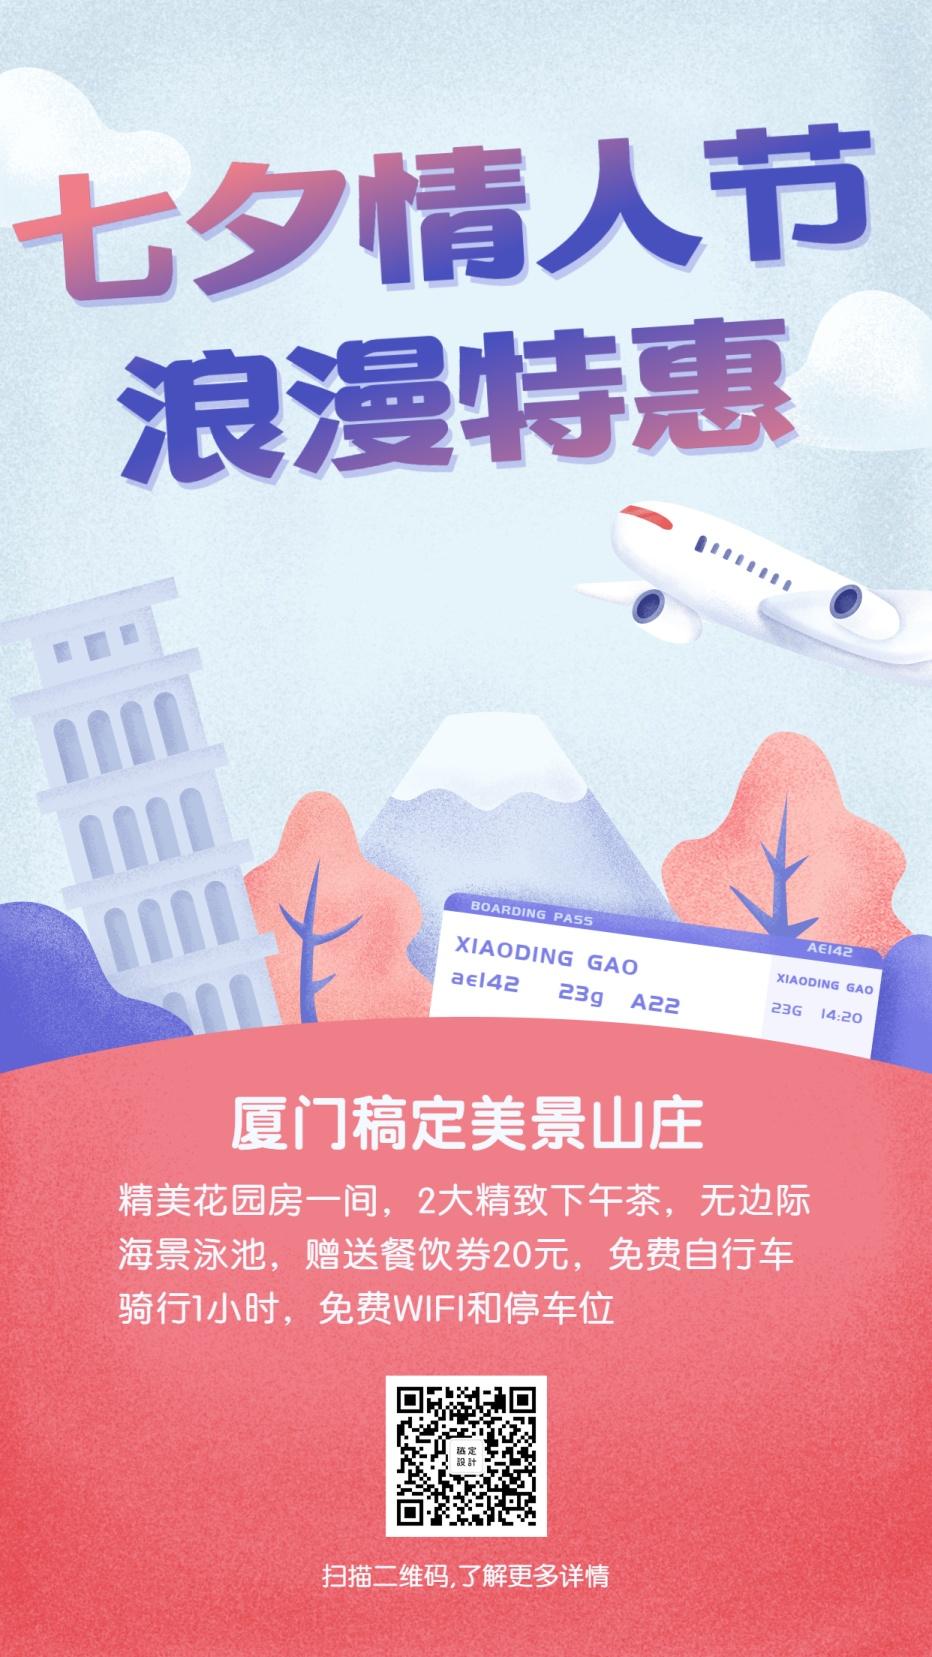 七夕情人节旅店促销优惠活动手机海报